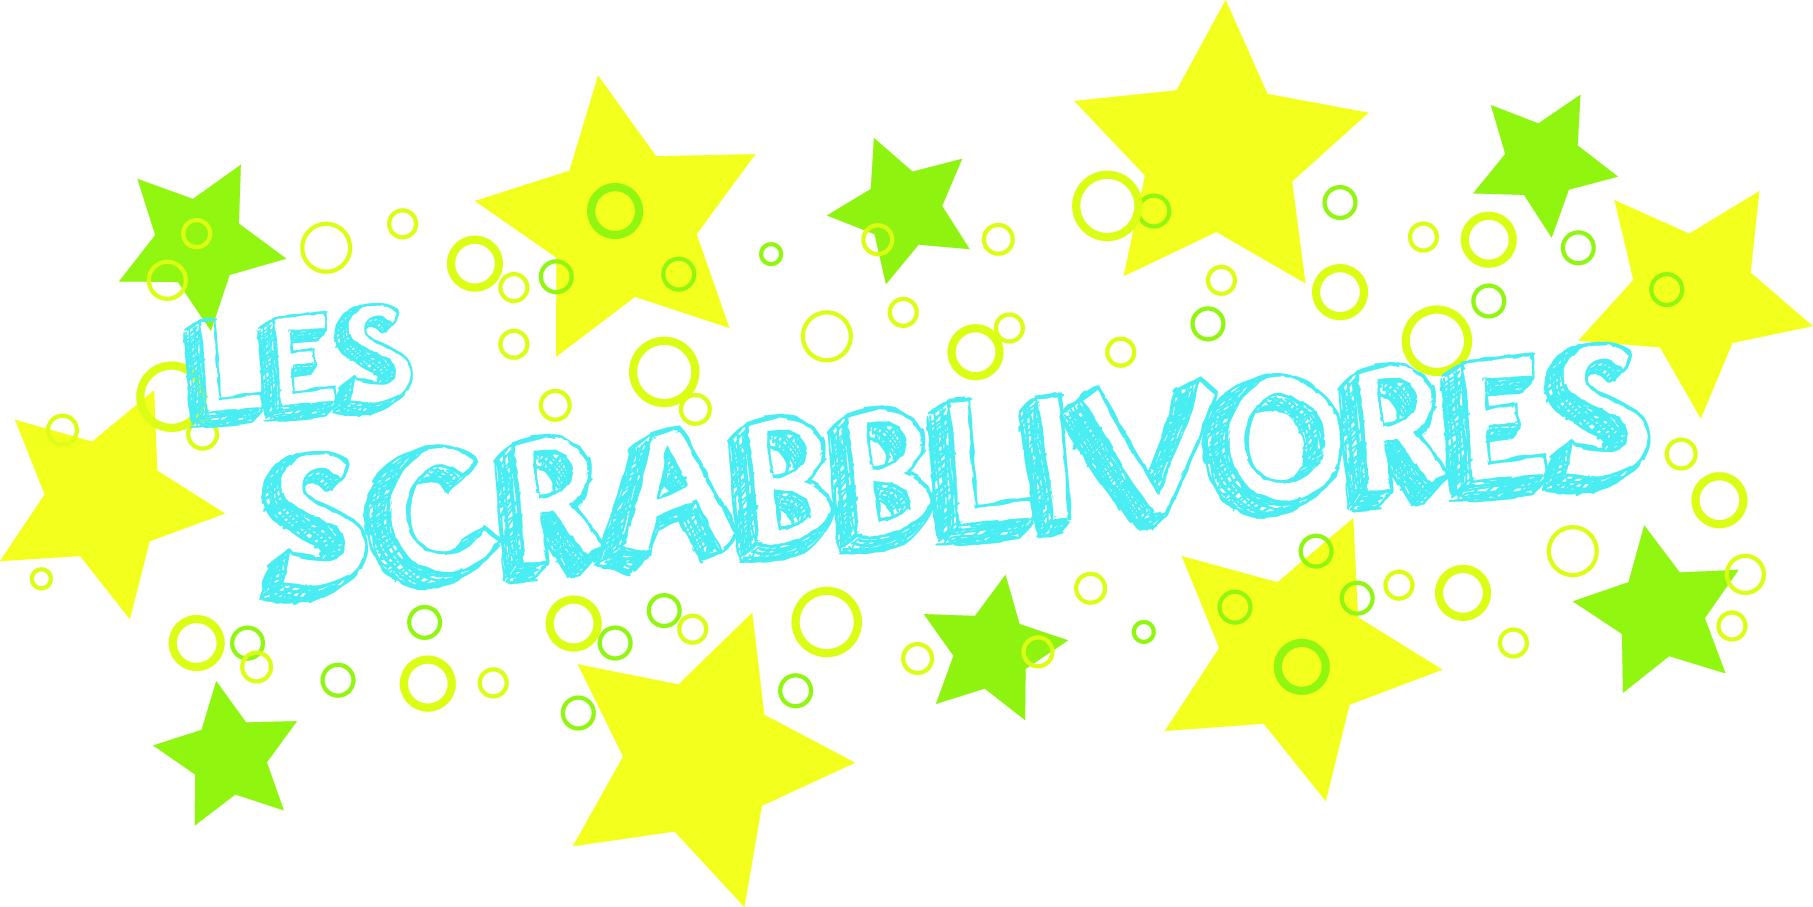 Scrabblivores